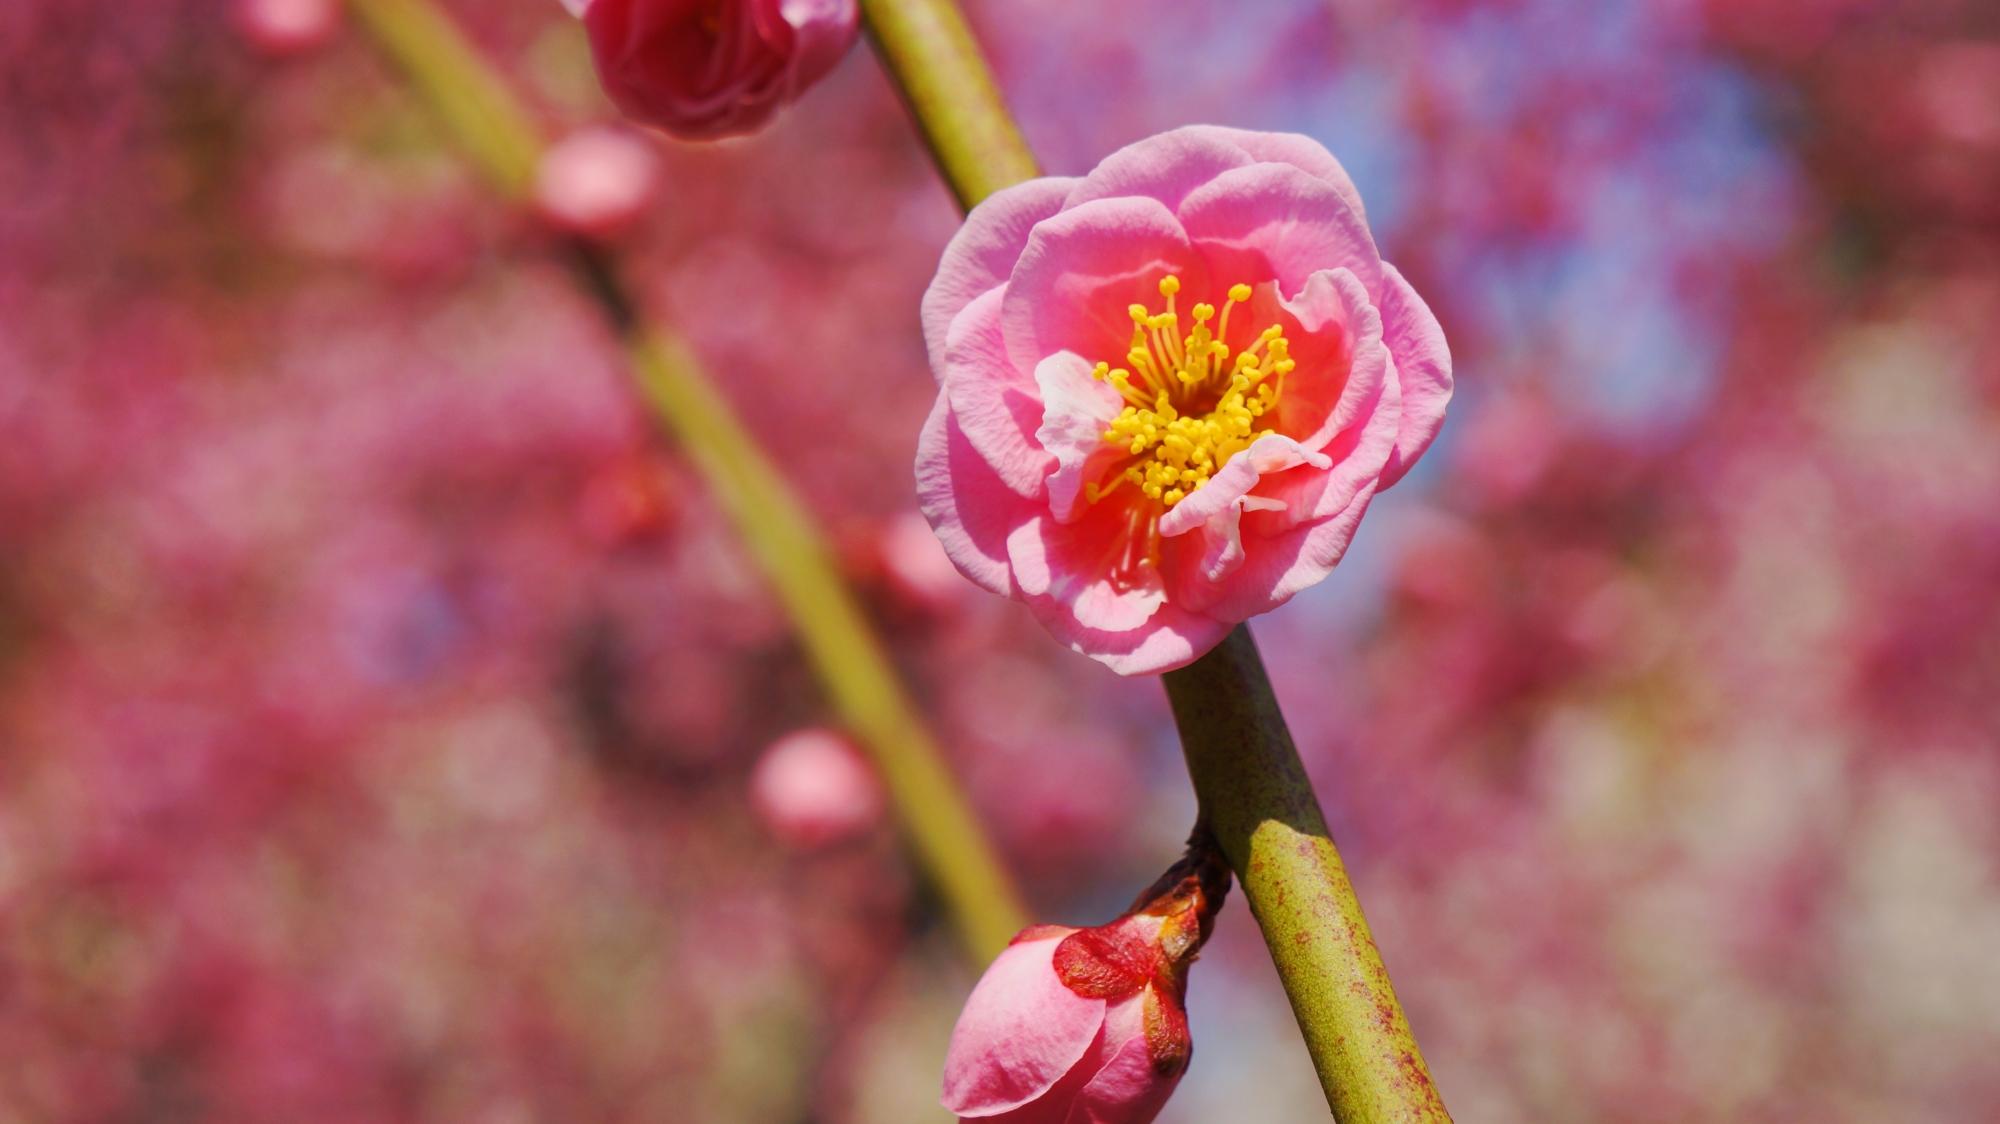 近くで見ると可愛い梅の花